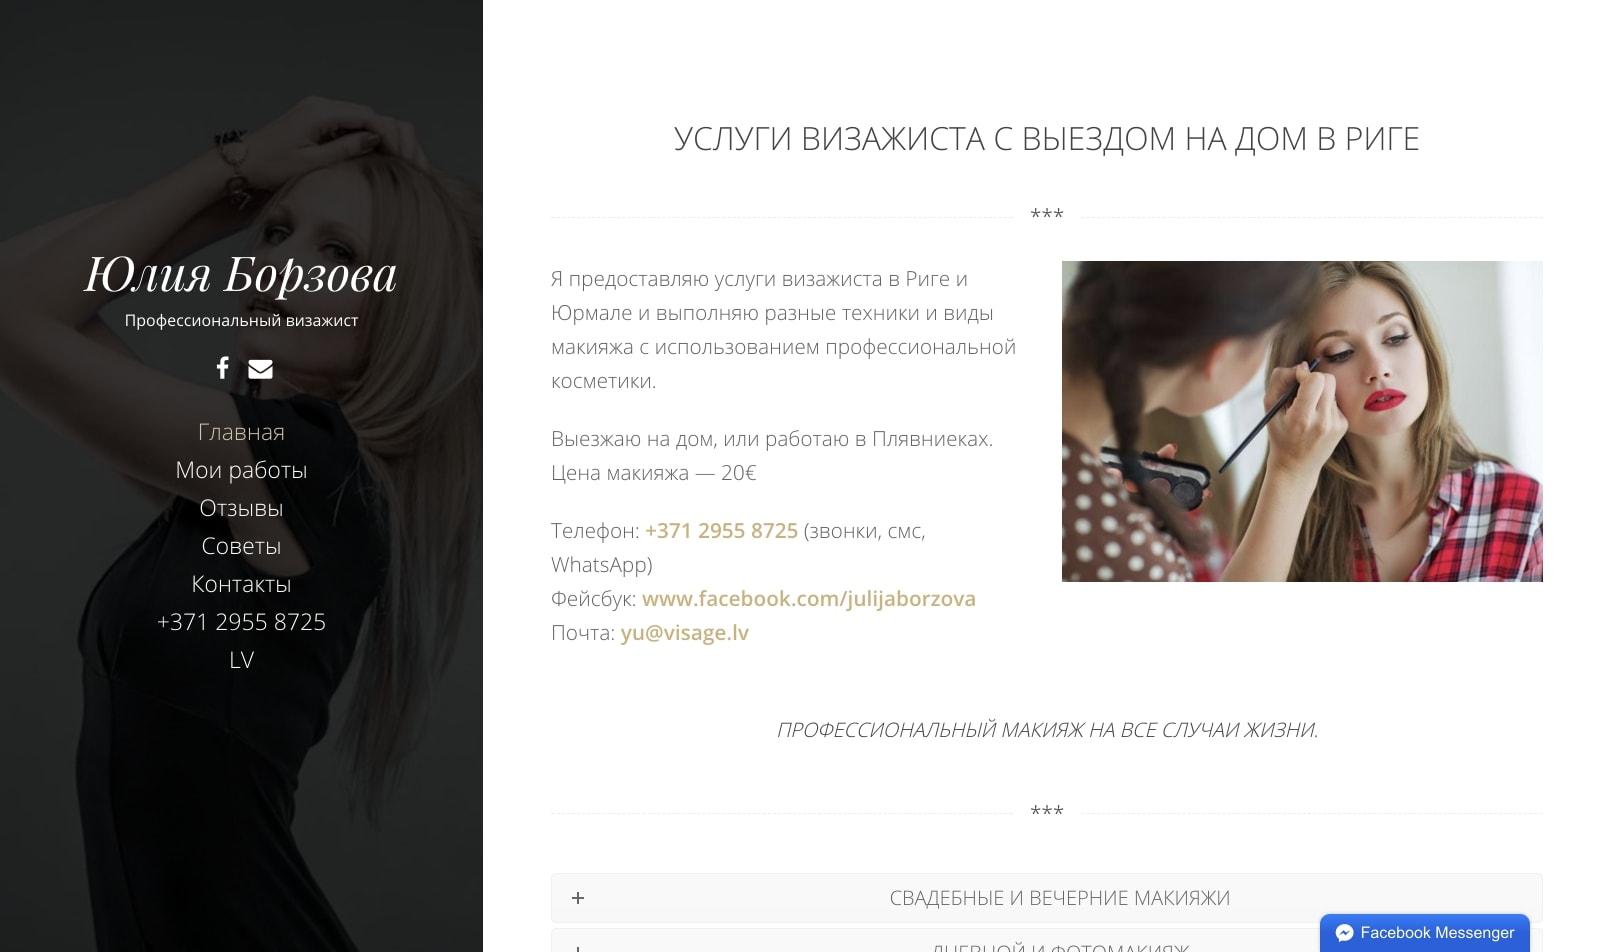 Сайт визитка для визажиста